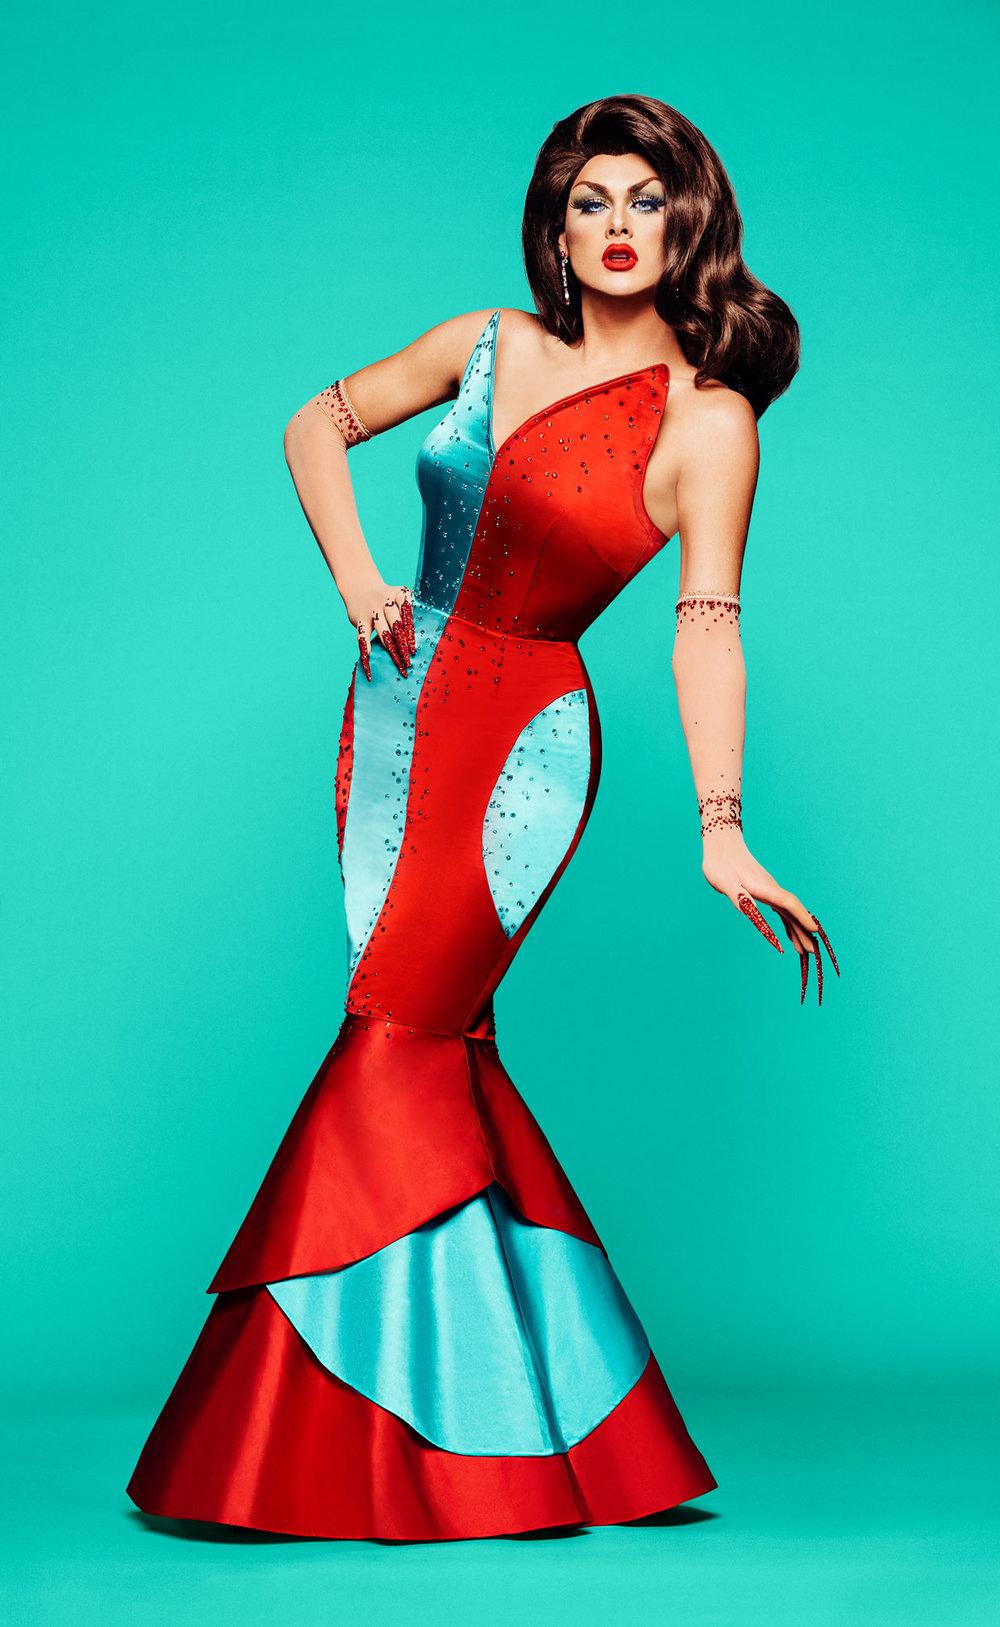 Scarlet-Envy-rupaul-season-11-a-billboard-1240 (1).jpg